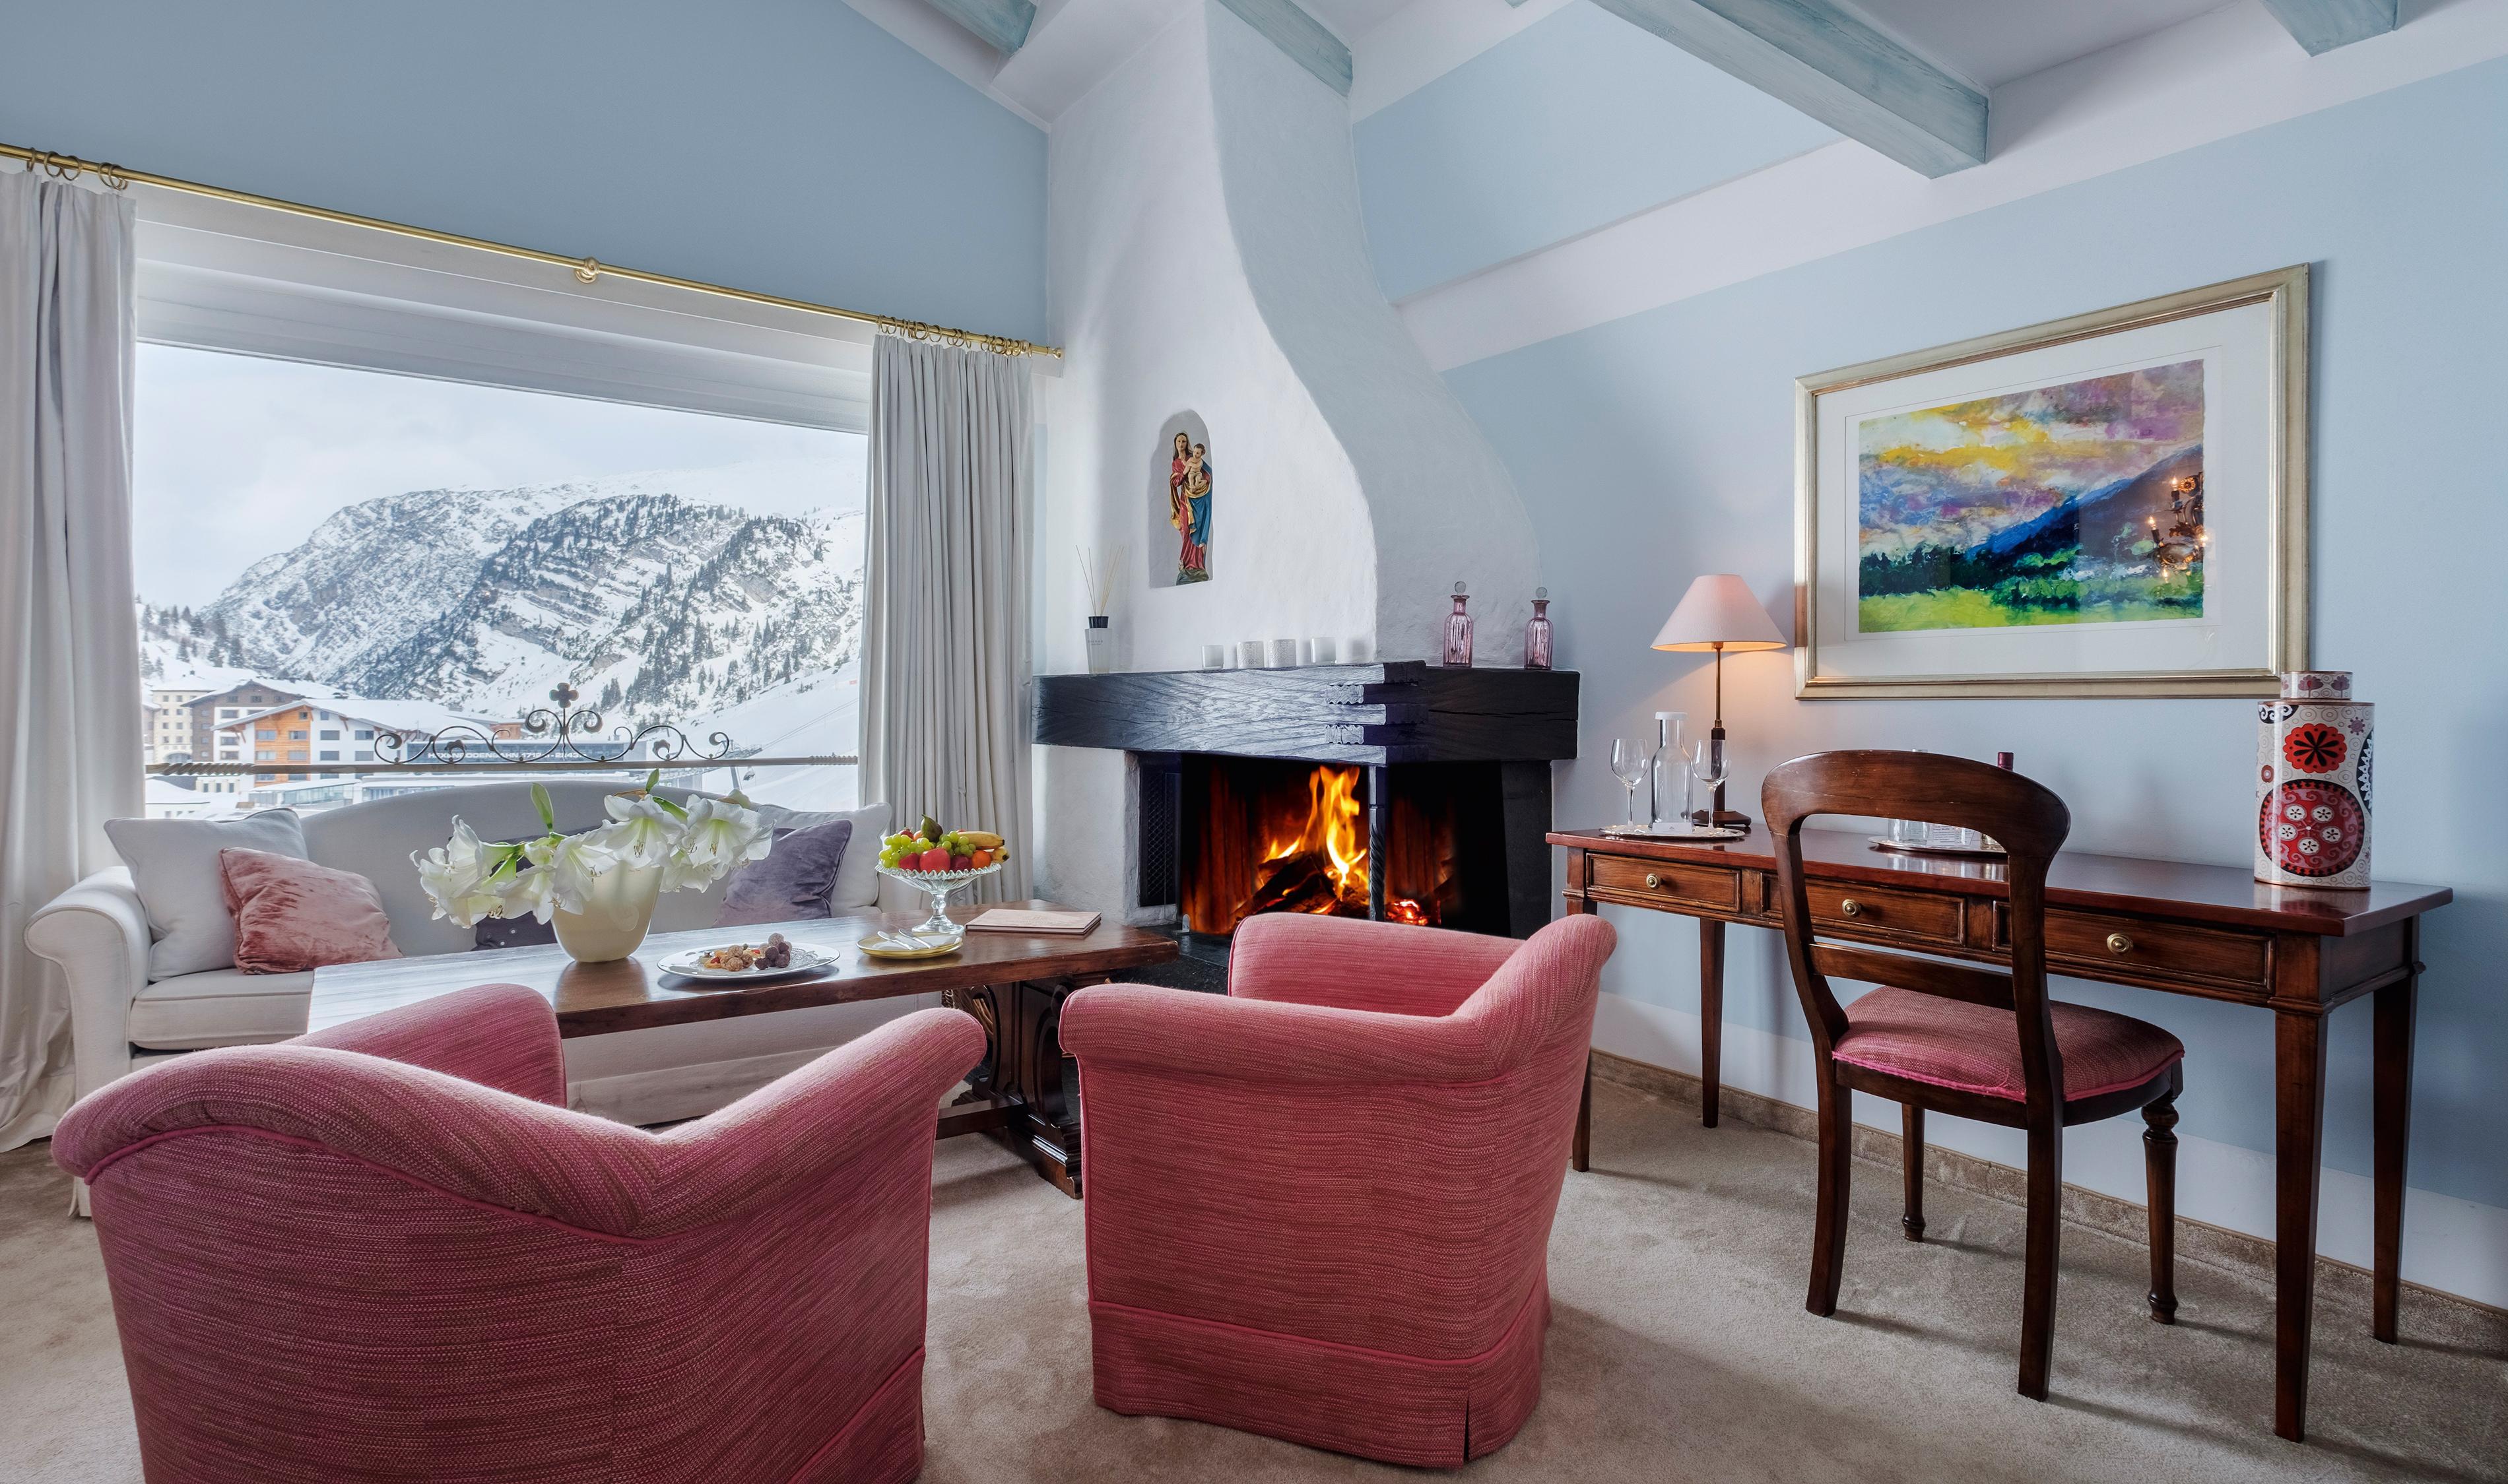 Gemütlicher Wohnbereich eines hellen Zimmers des 5 Sterne Hotels in Zürs